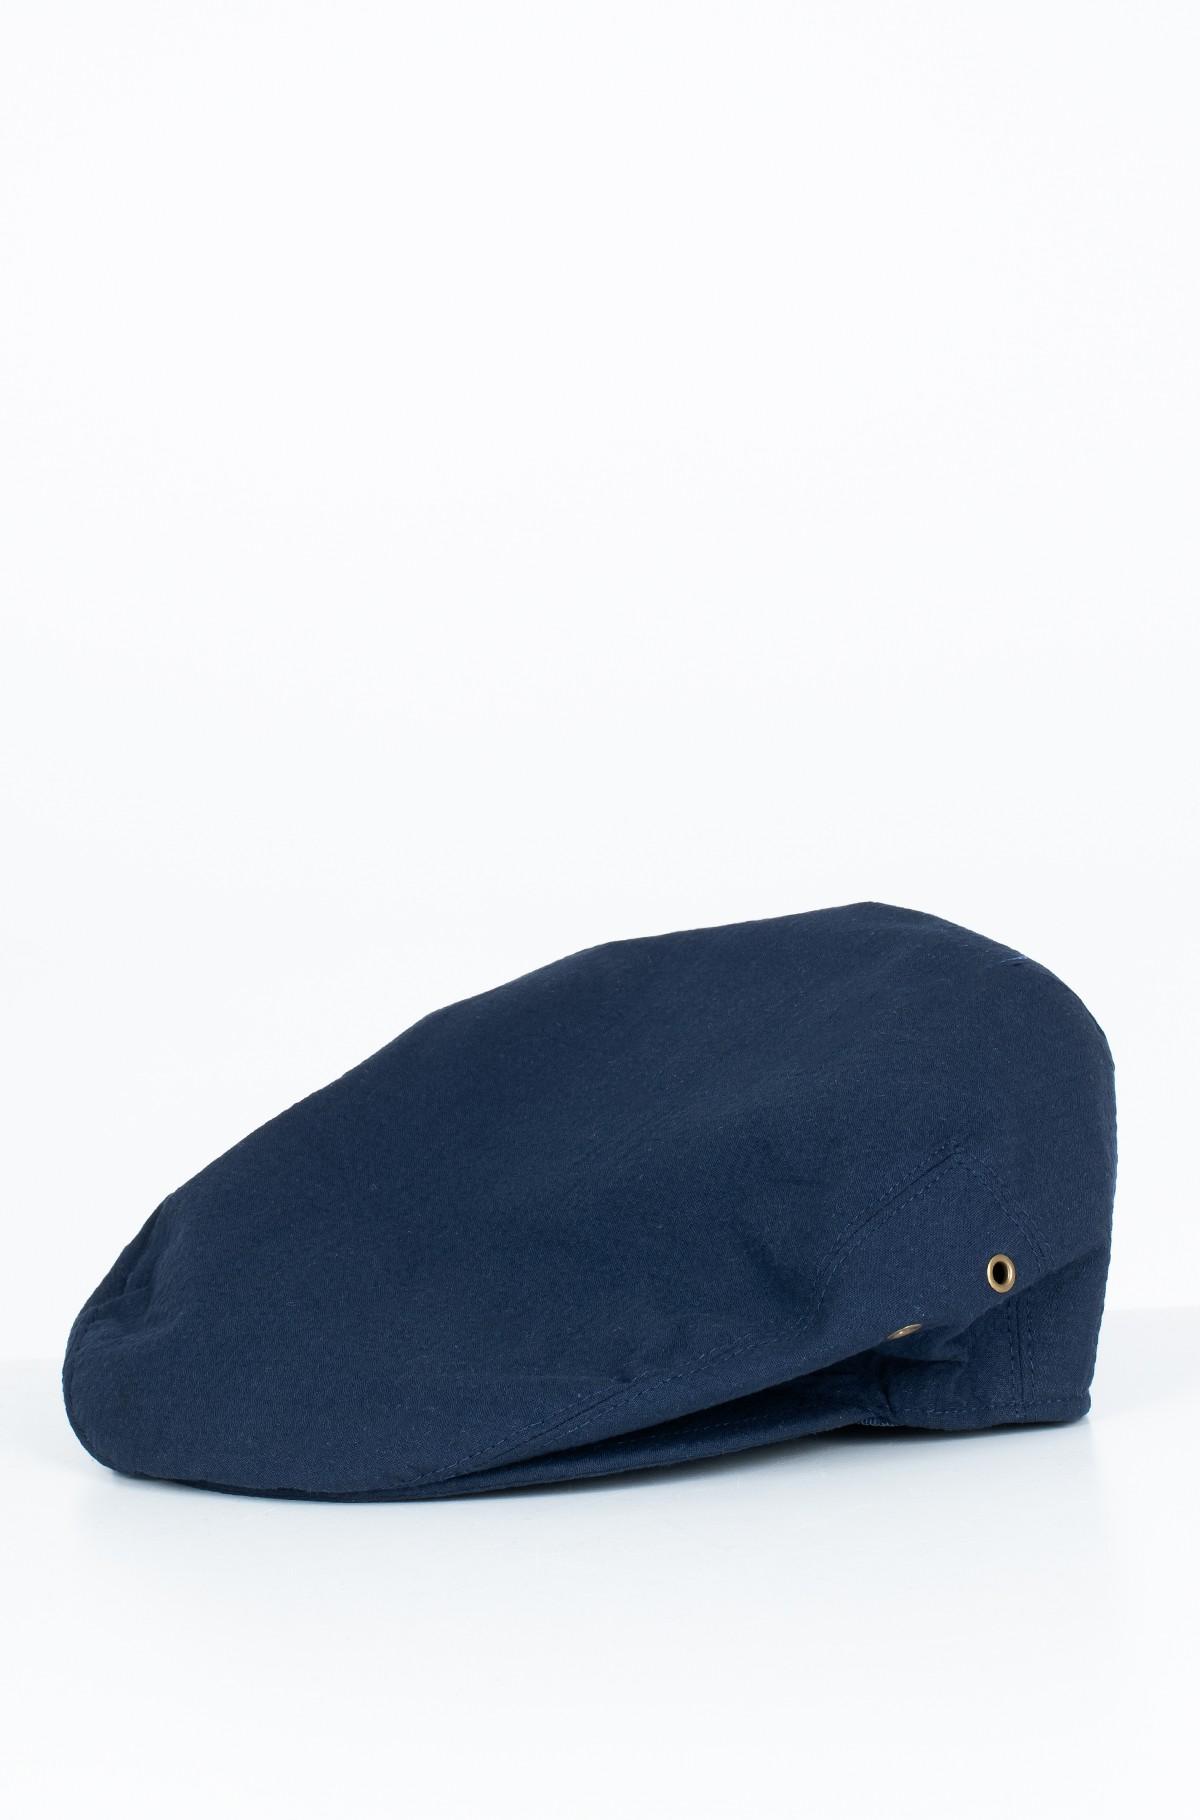 Tvido kepurė 00130018-full-1